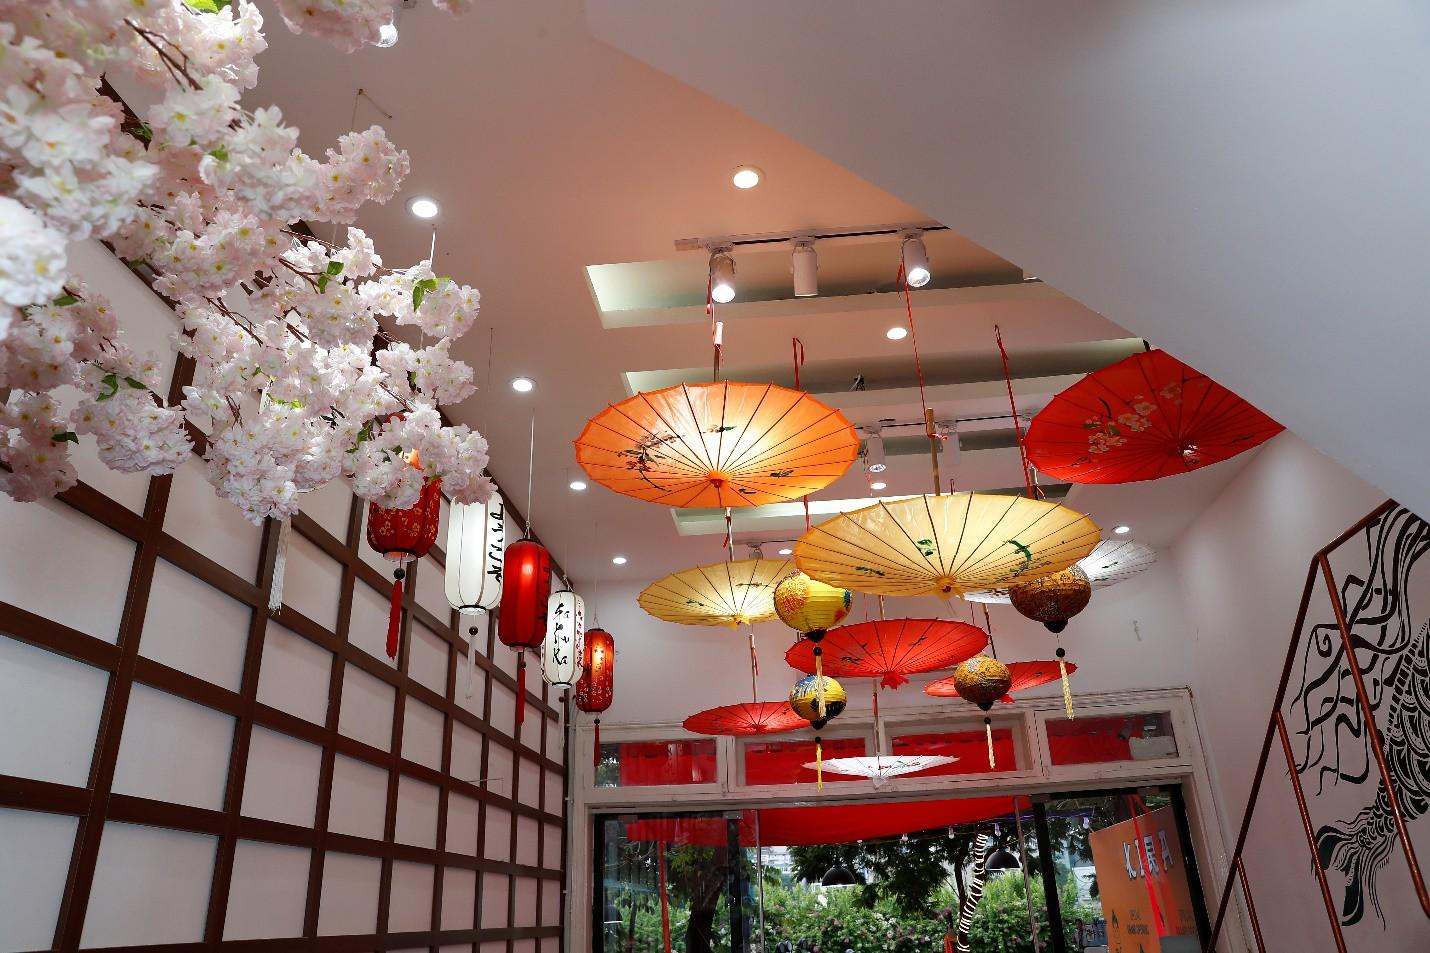 Hoàng Dũng The Voice, Dương Trần Nghĩa và FatB quẩy tưng bừng tại Kira Coffee & Lounge - Ảnh 3.